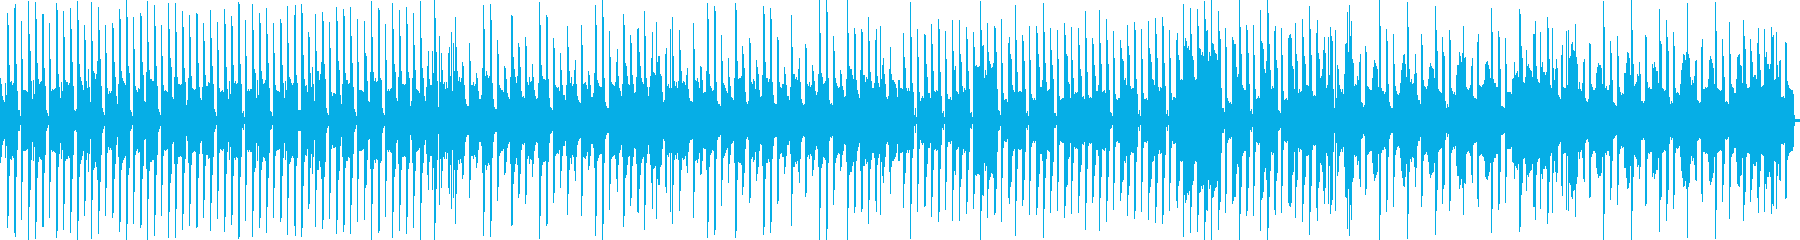 日常系 ほのぼのしたピアノとドラムの曲の再生済みの波形